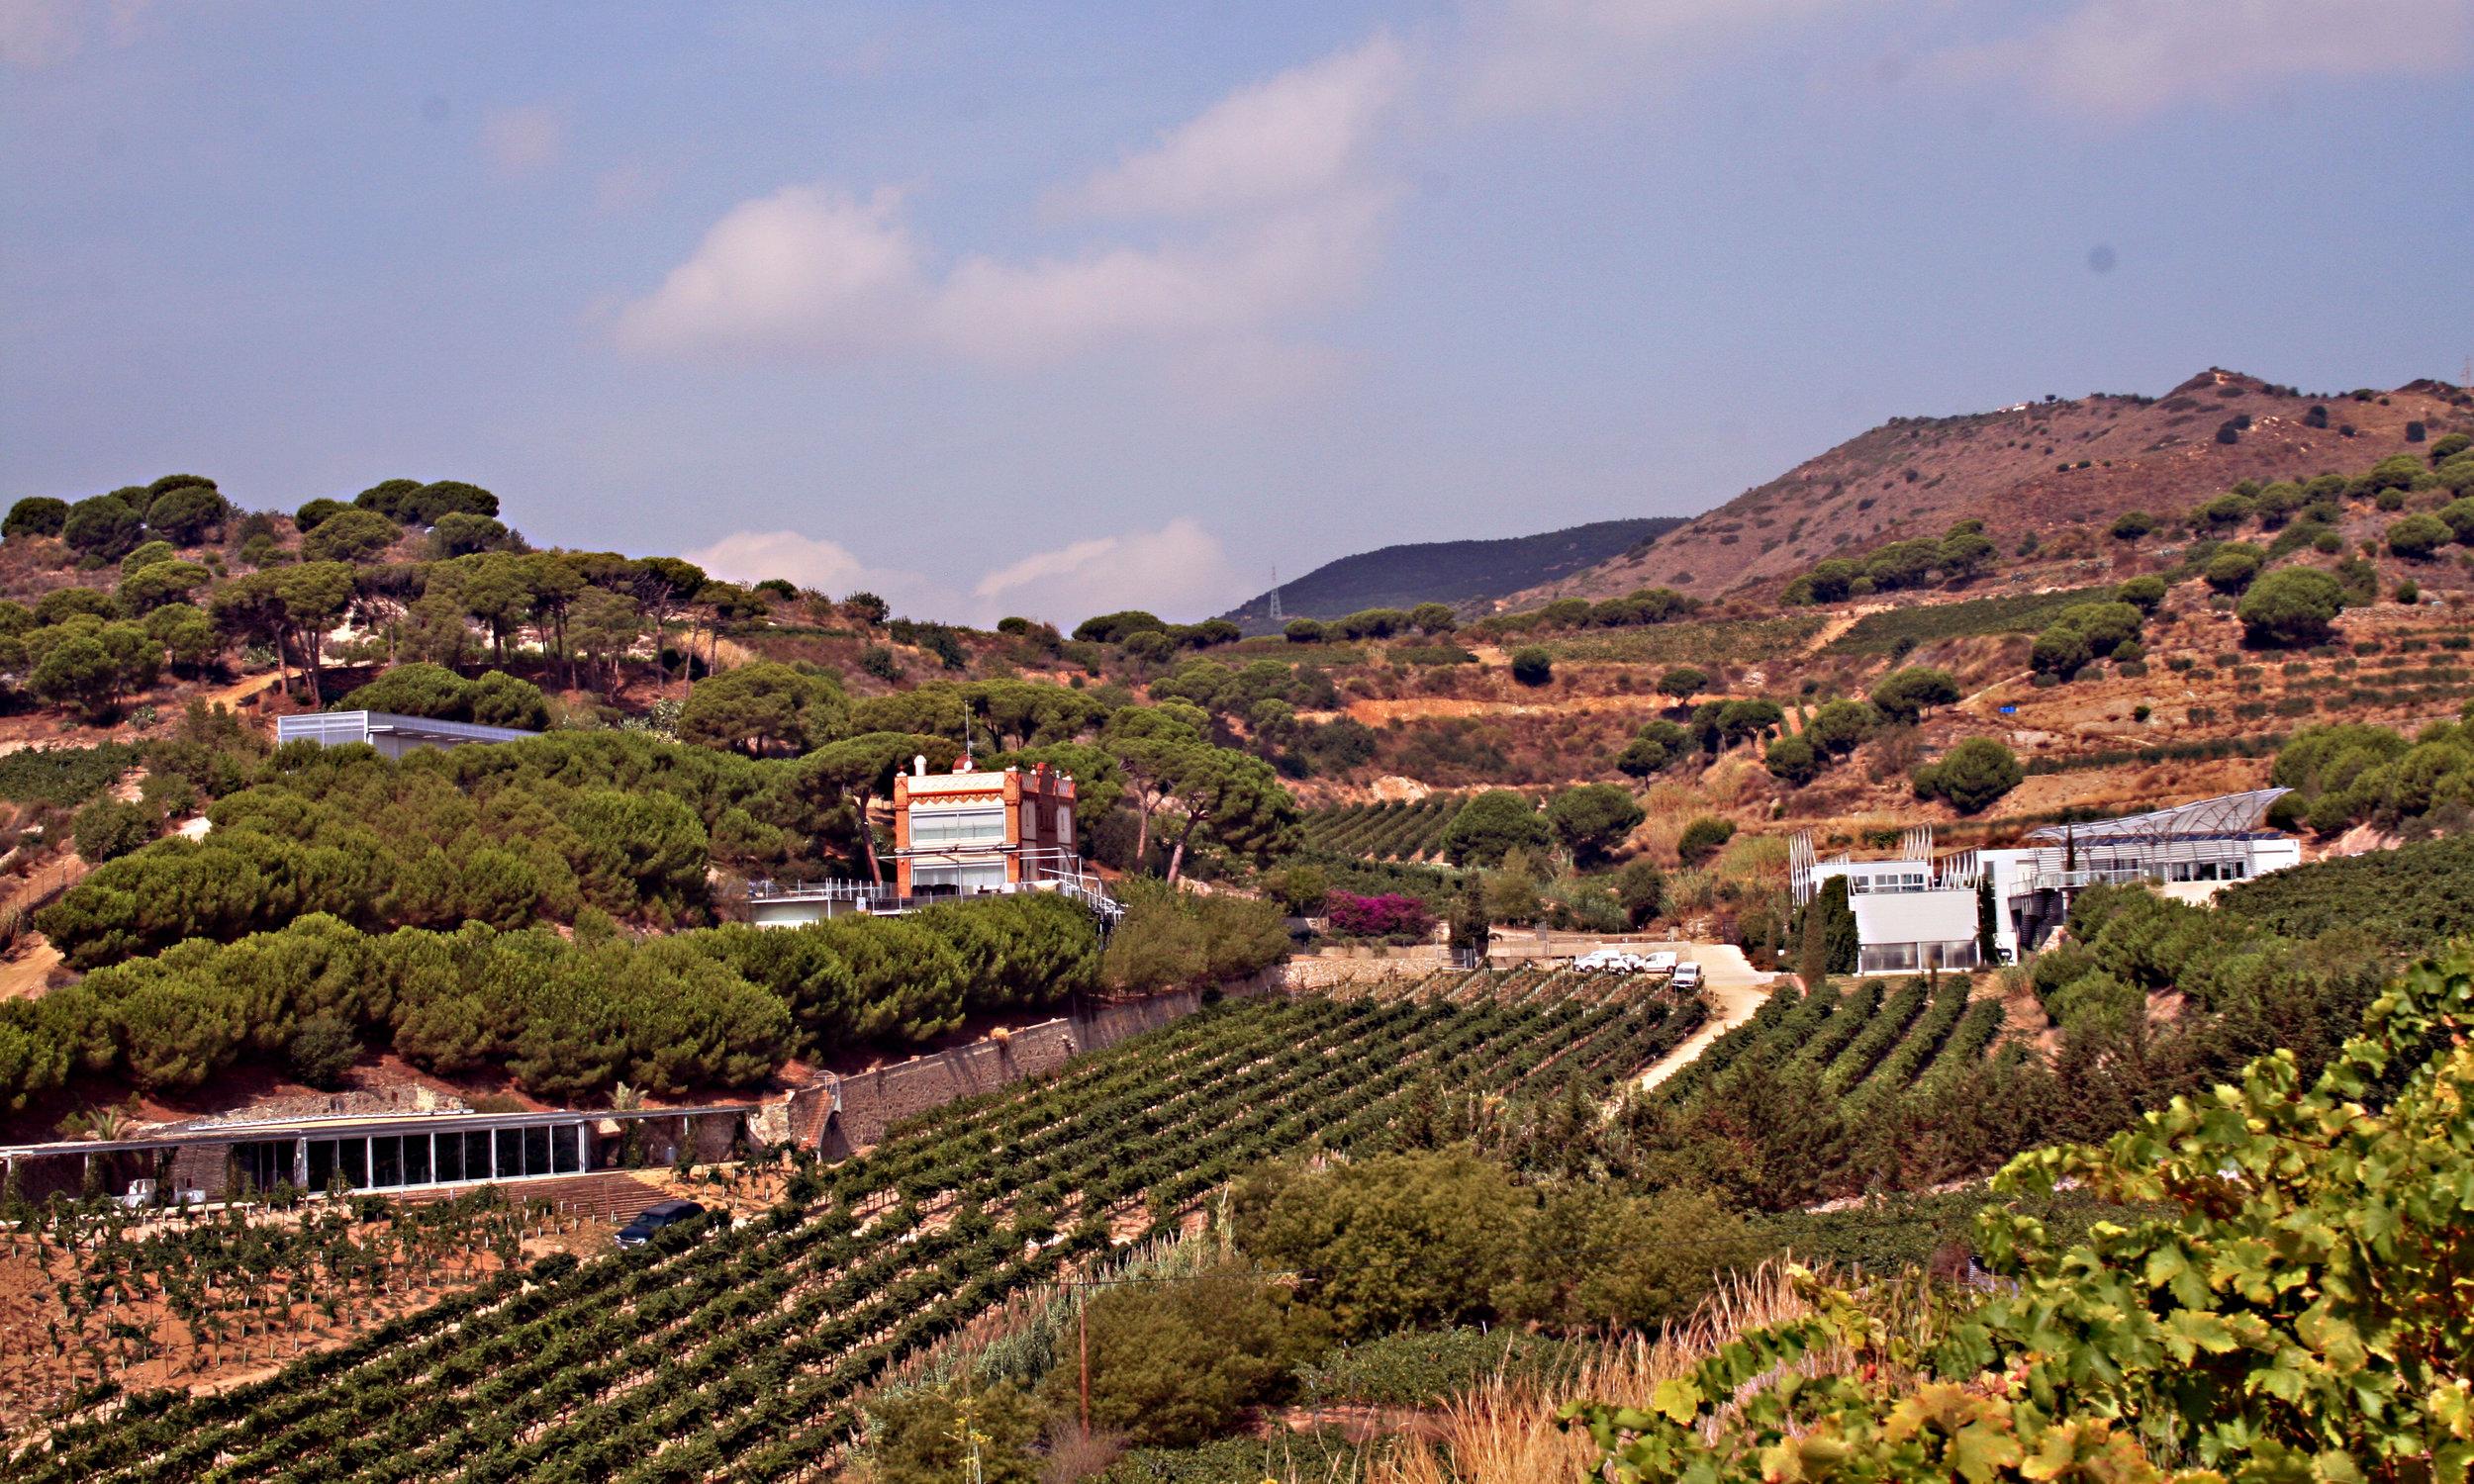 Vakker utsikt frå dei øverste vinmarkane hjå produsenten Alta Alella.